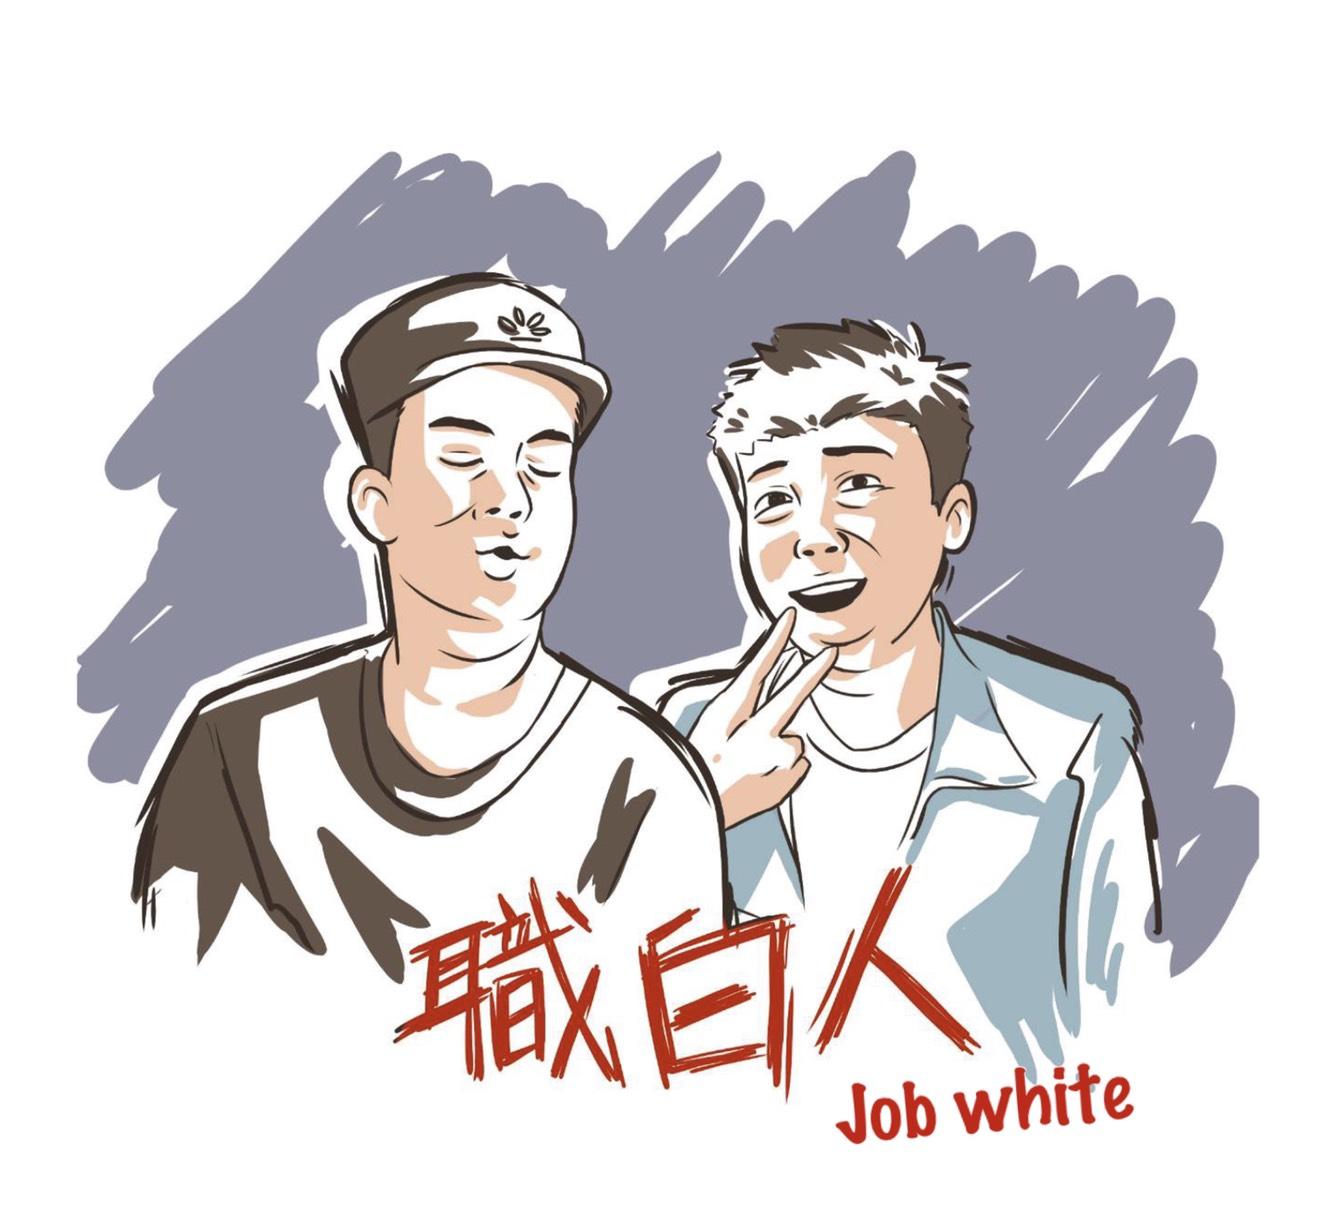 EP6   因為這件事...中華郵政系統差點停擺  ft.新莊林柏宏【Job white 職白人】